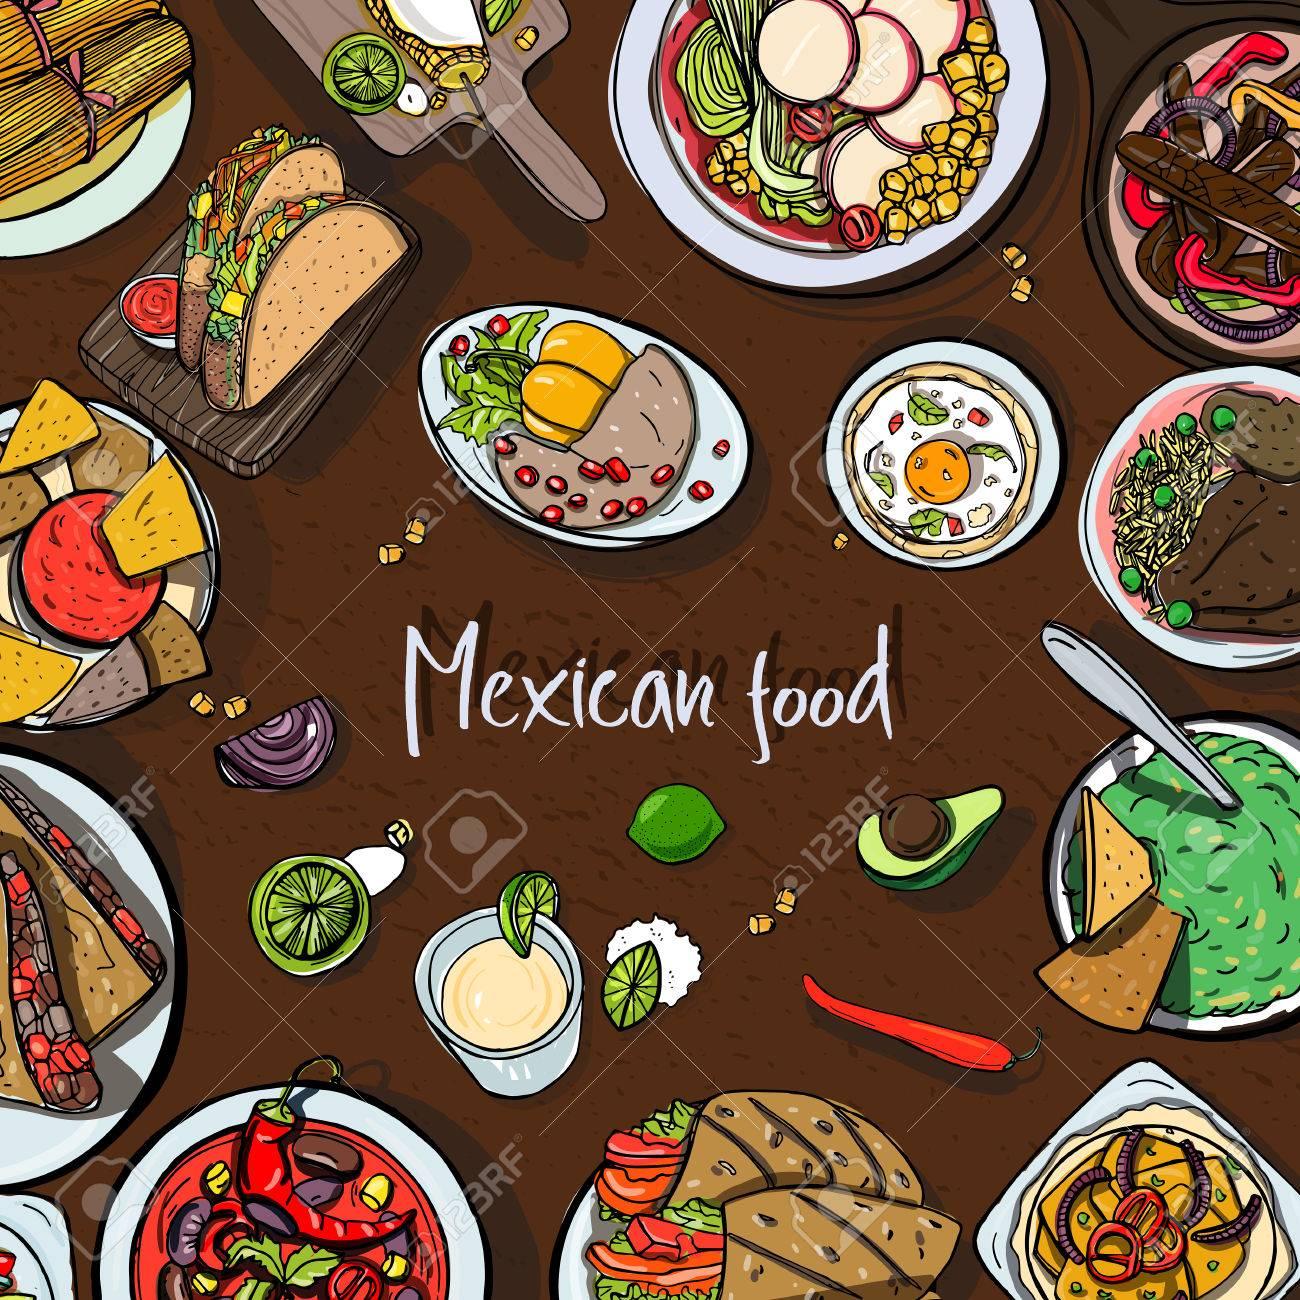 Fondo Cuadrado Con Comida Mexicana, Cocina Tradicional. Mano Dibuja La  Ilustración Vectorial Colorido Con